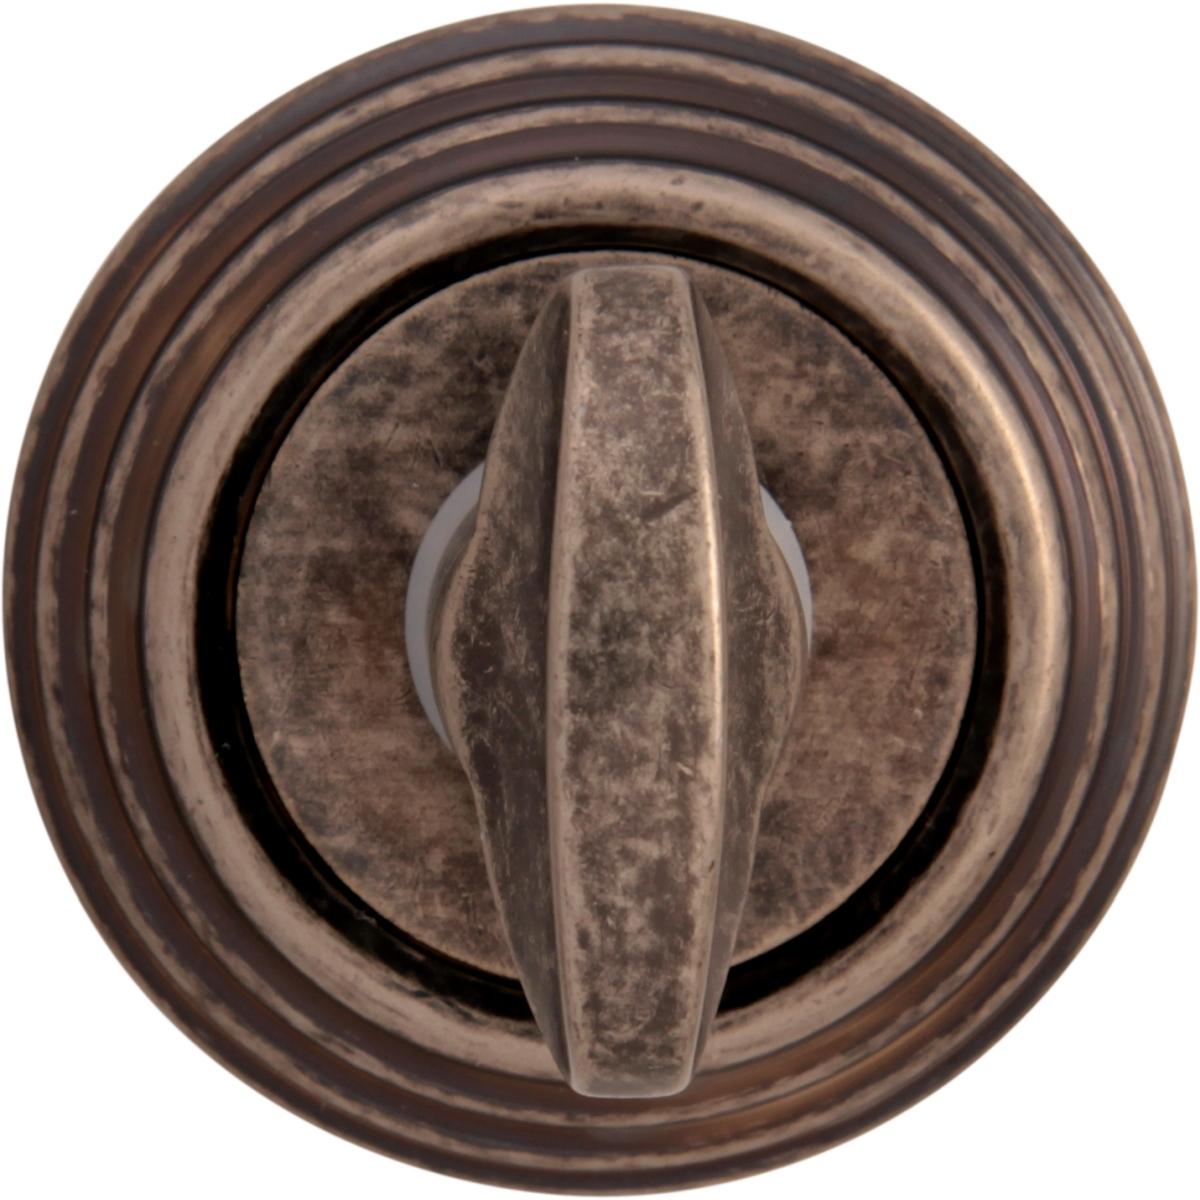 Дополнительные розетки для сантехнического замка WC 50 P DAS